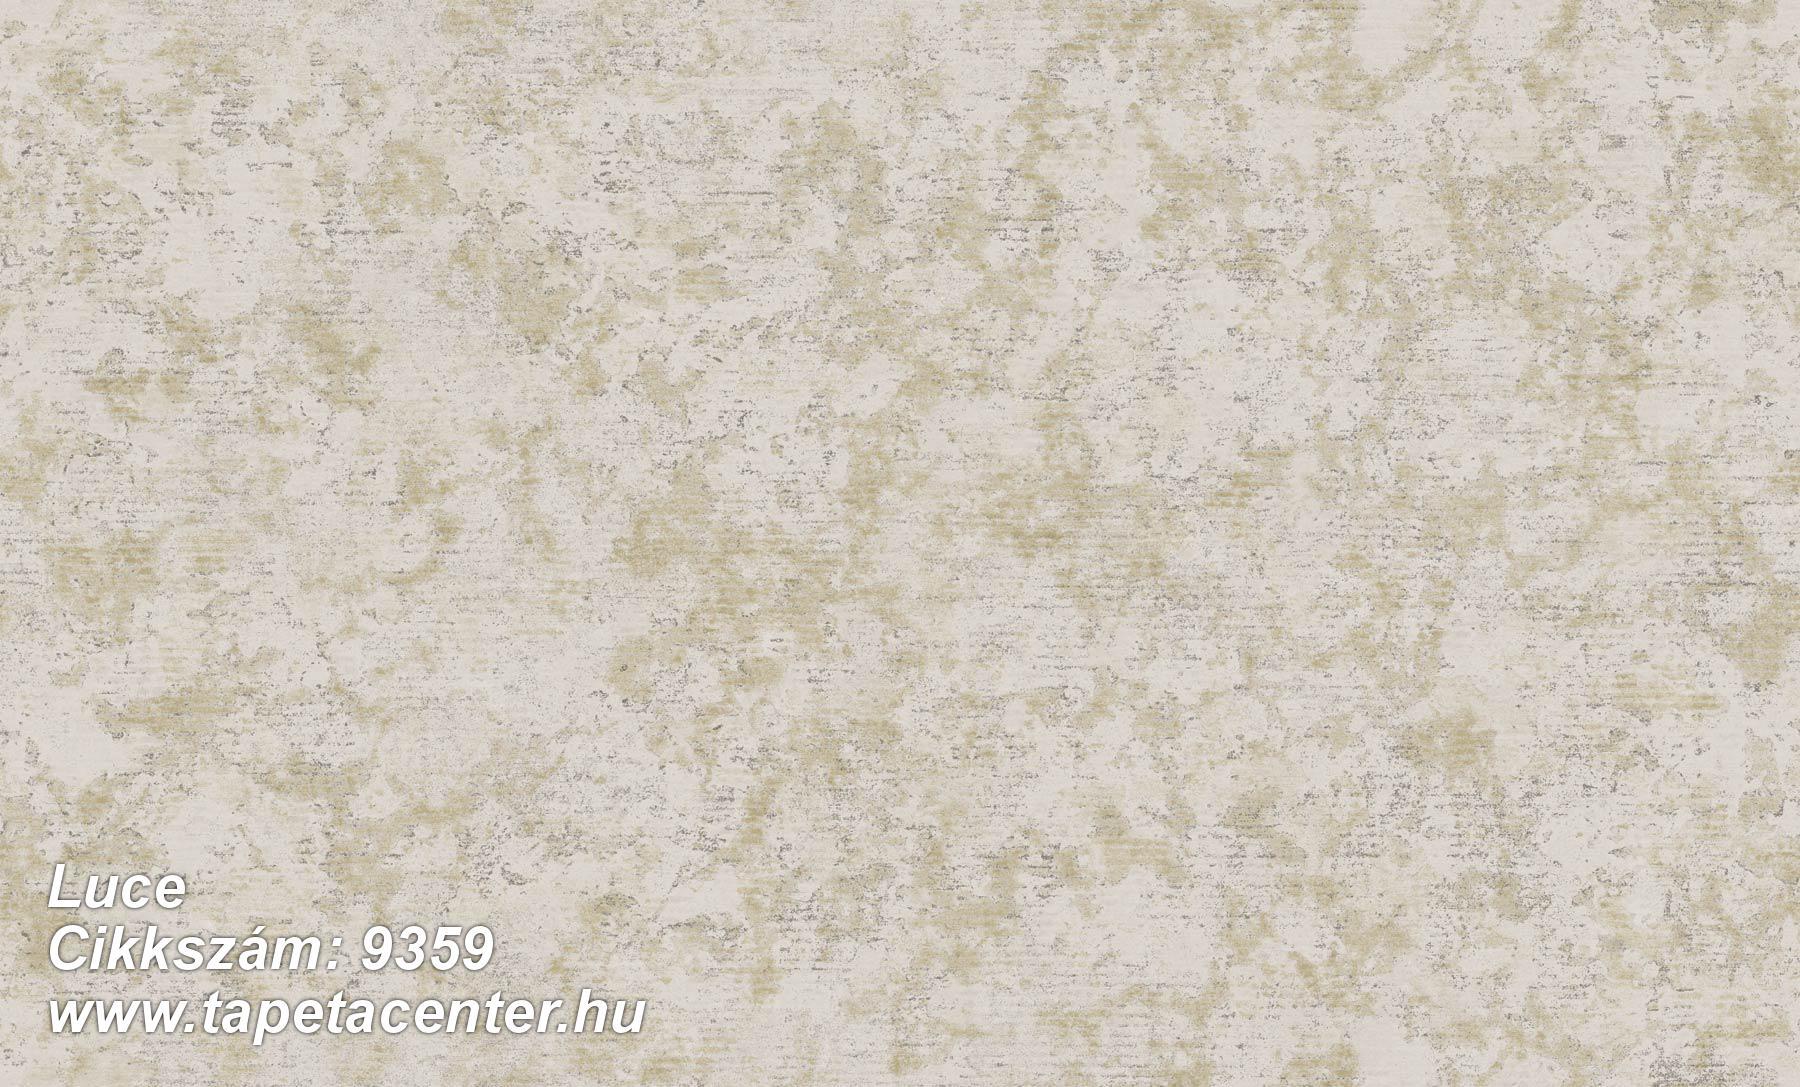 Luce - 9359 Olasz tapéta